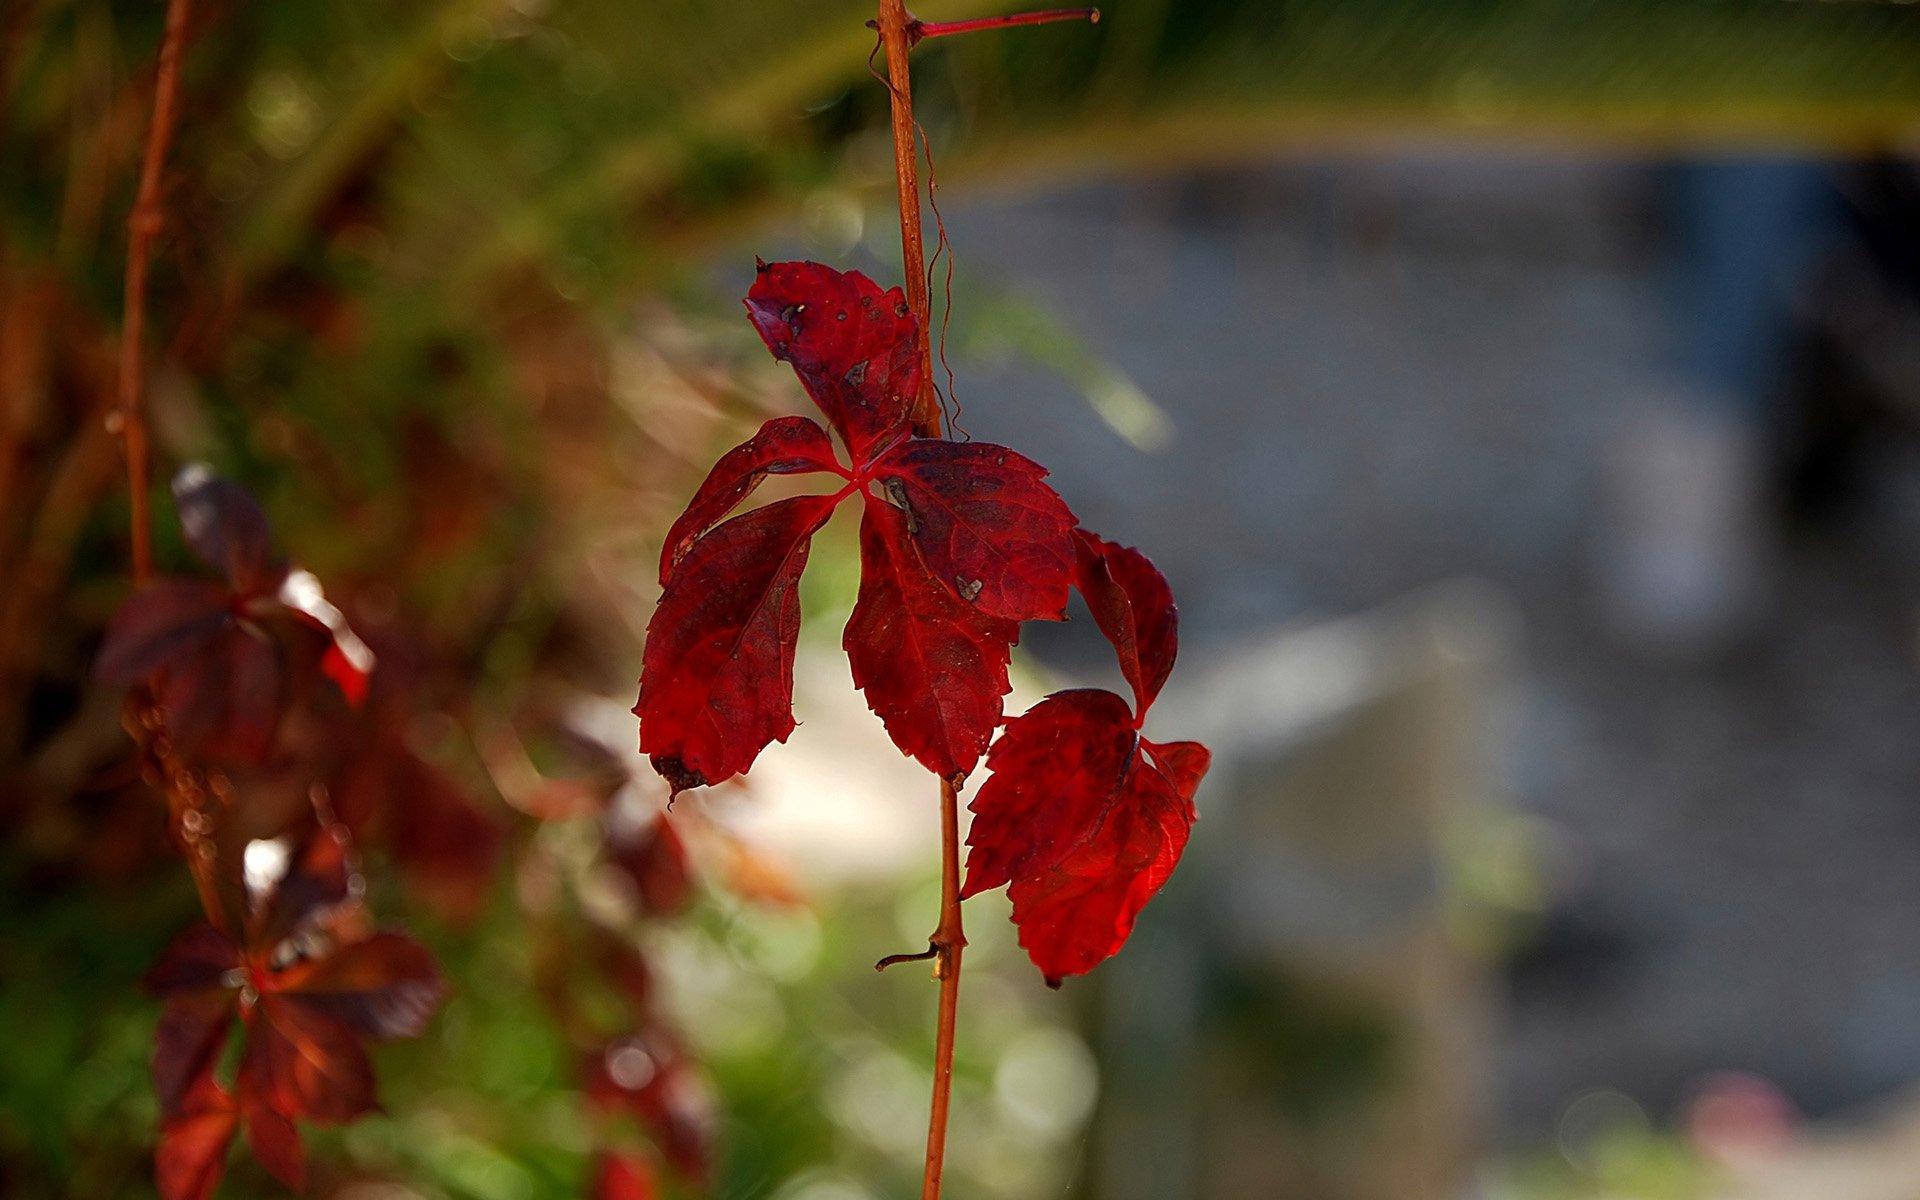 sonbahar süper kırmızı yaprak